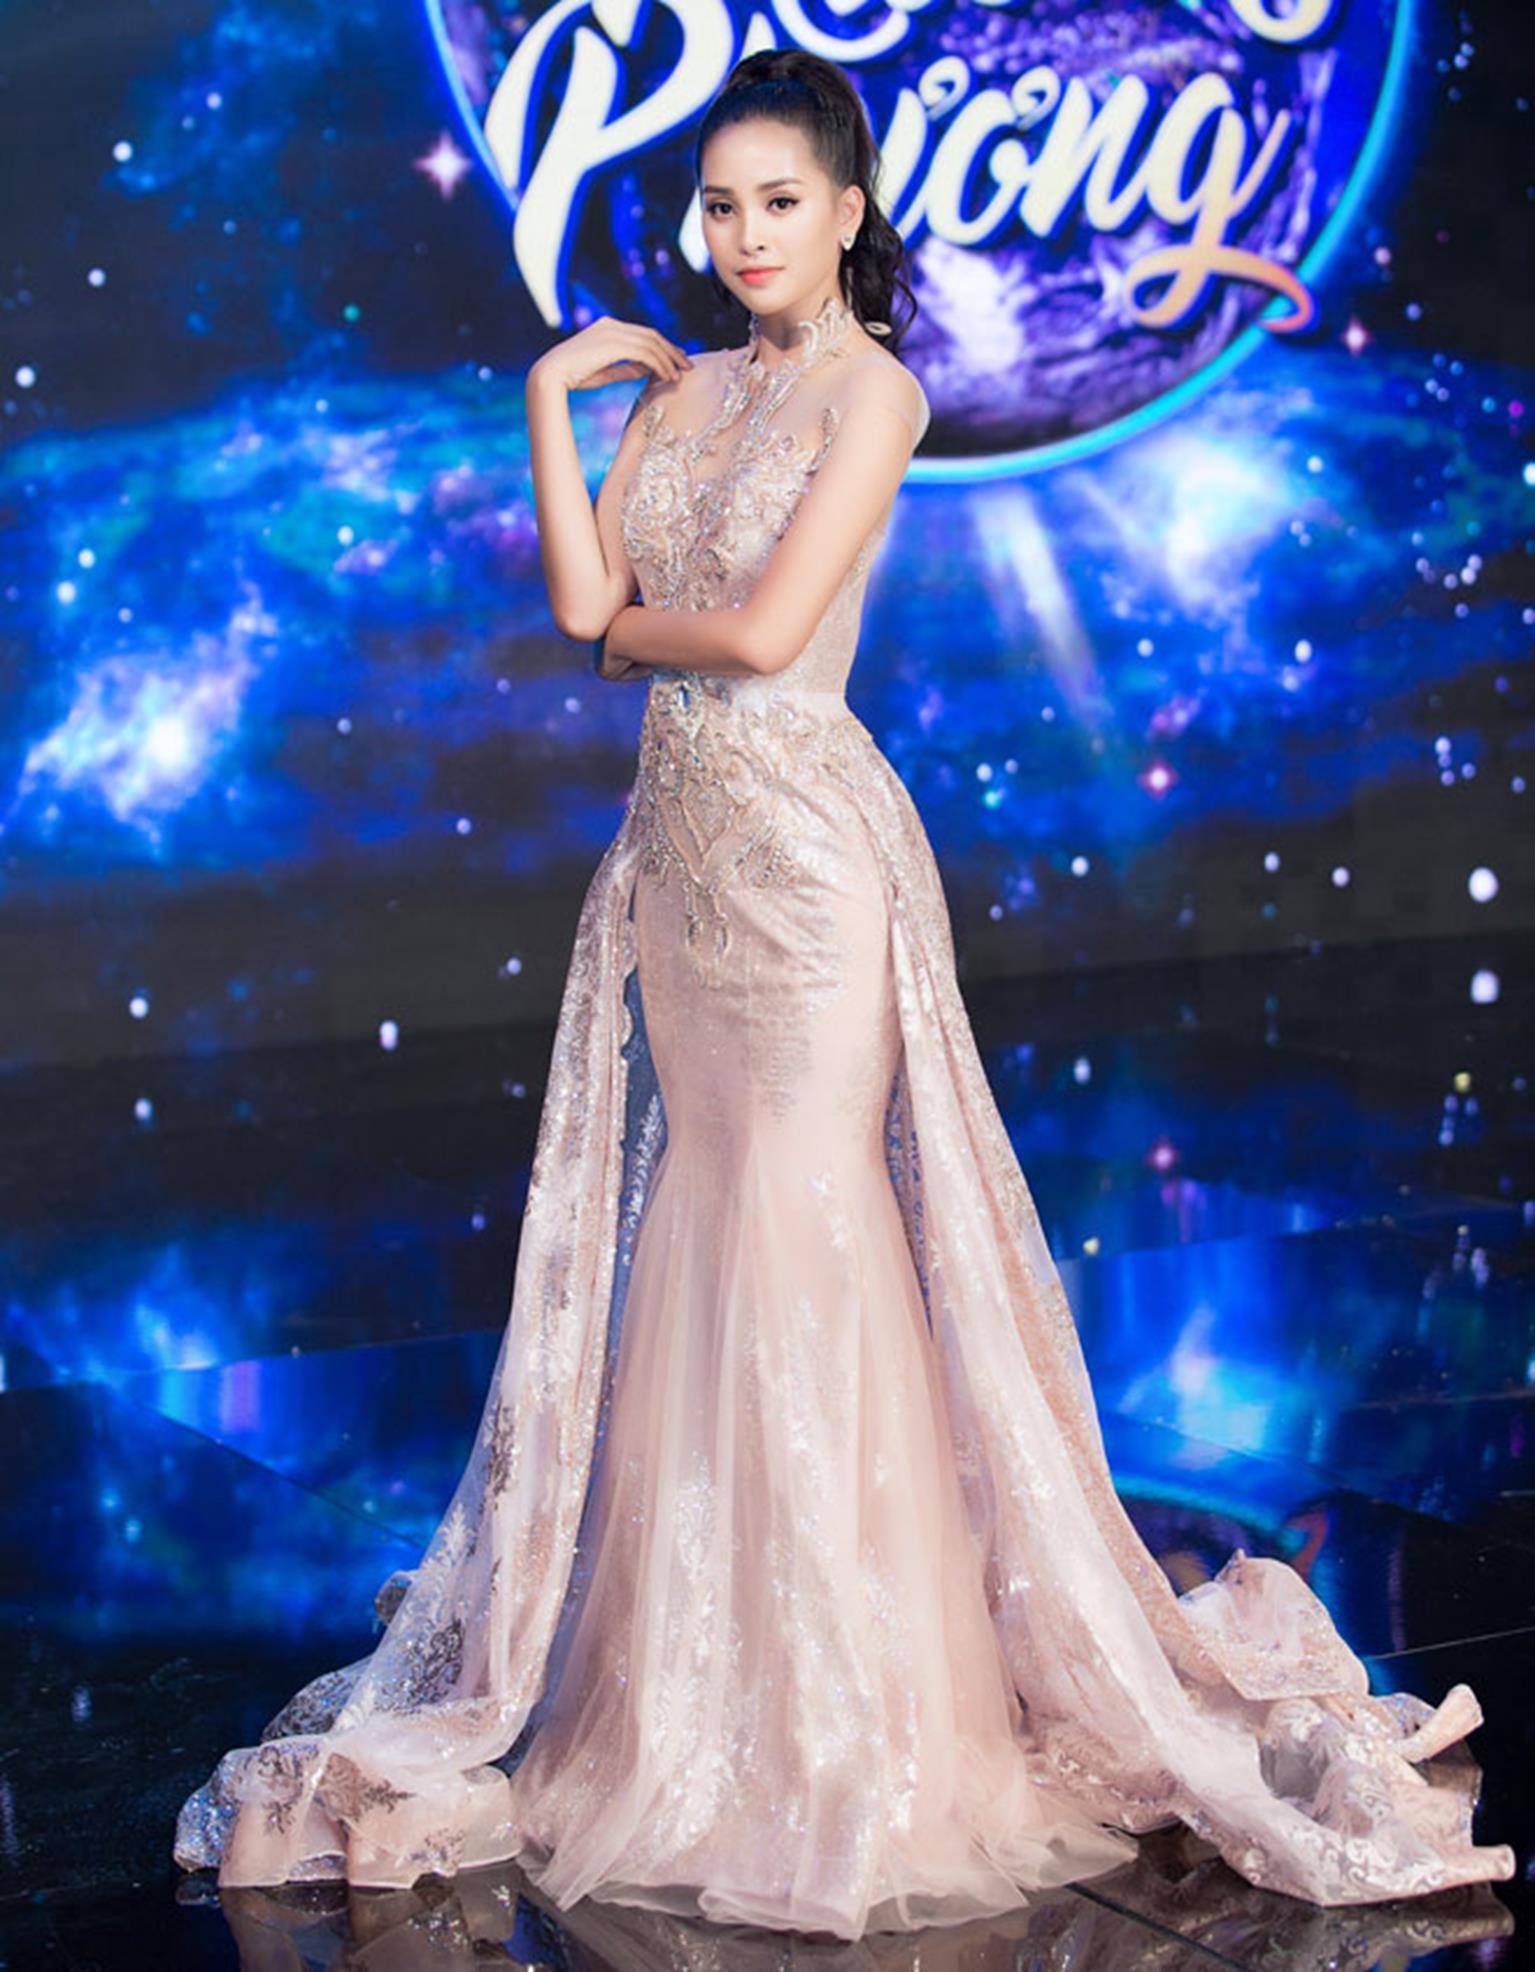 Hoa hậu Tiểu Vy khoe vẻ đẹp mong manh, hát mừng năm mới-7